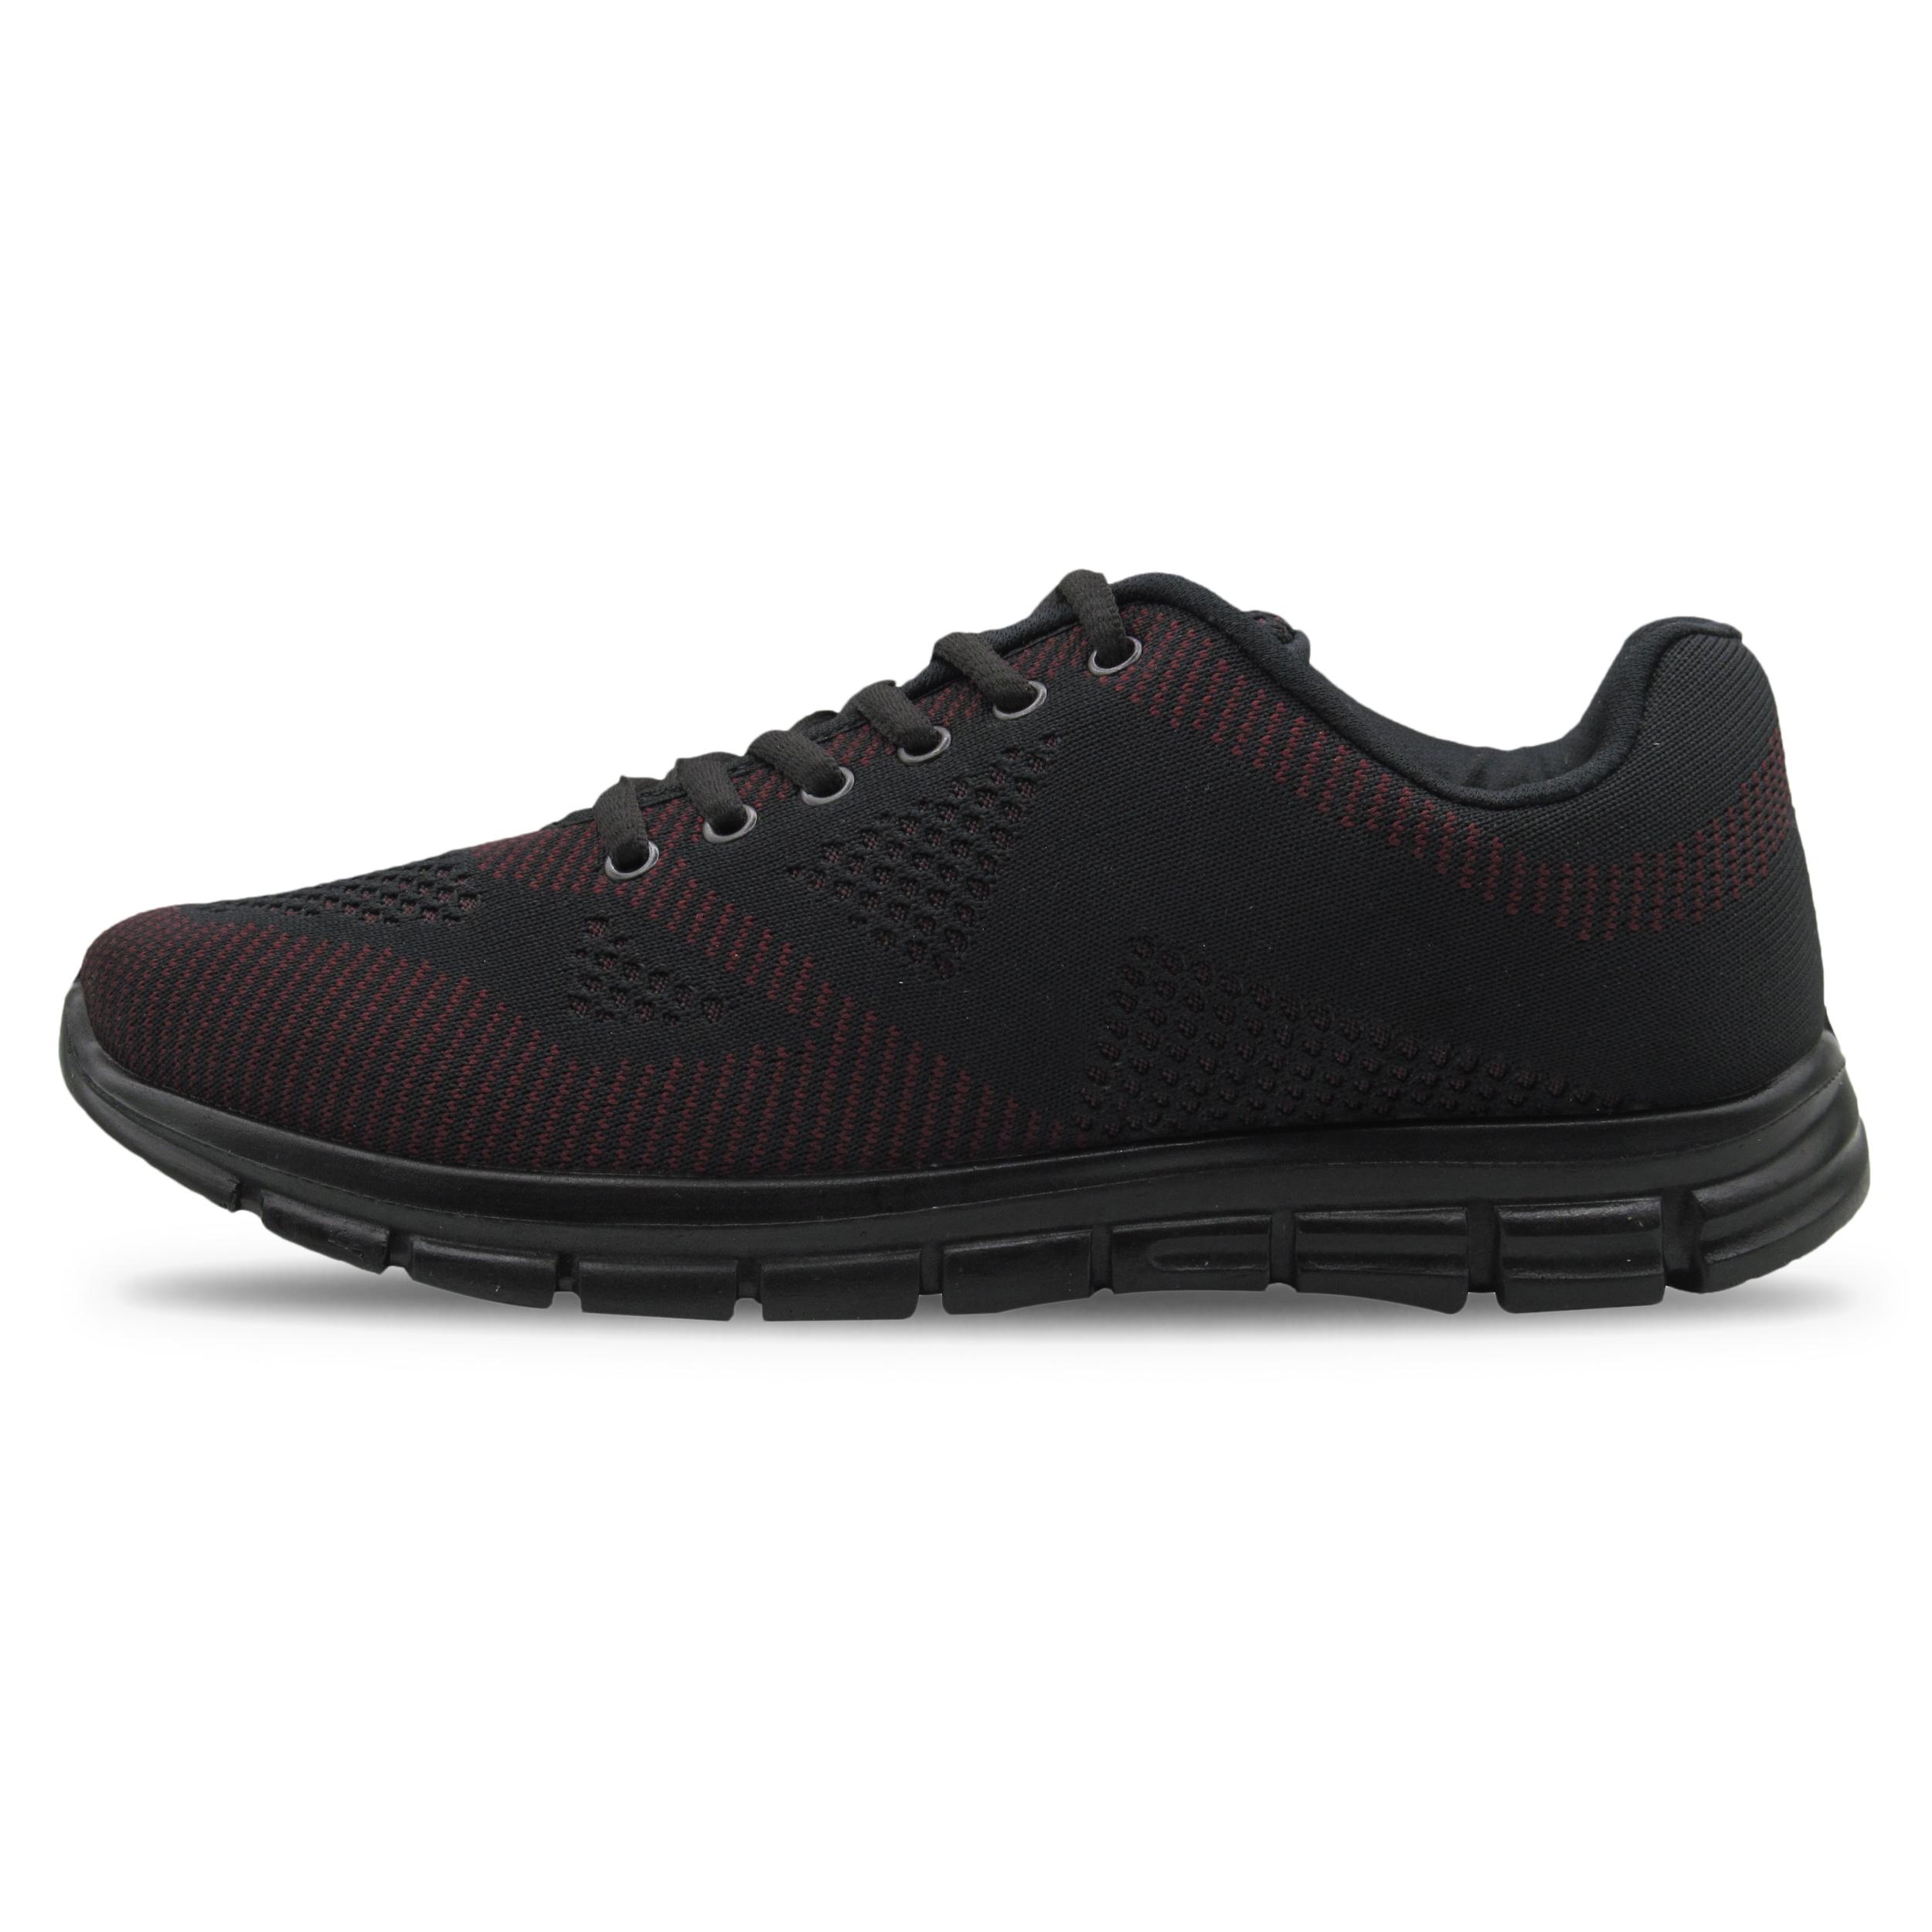 کفش مخصوص پیاده روی مردانه کفش شیما مدل اسکار 1254